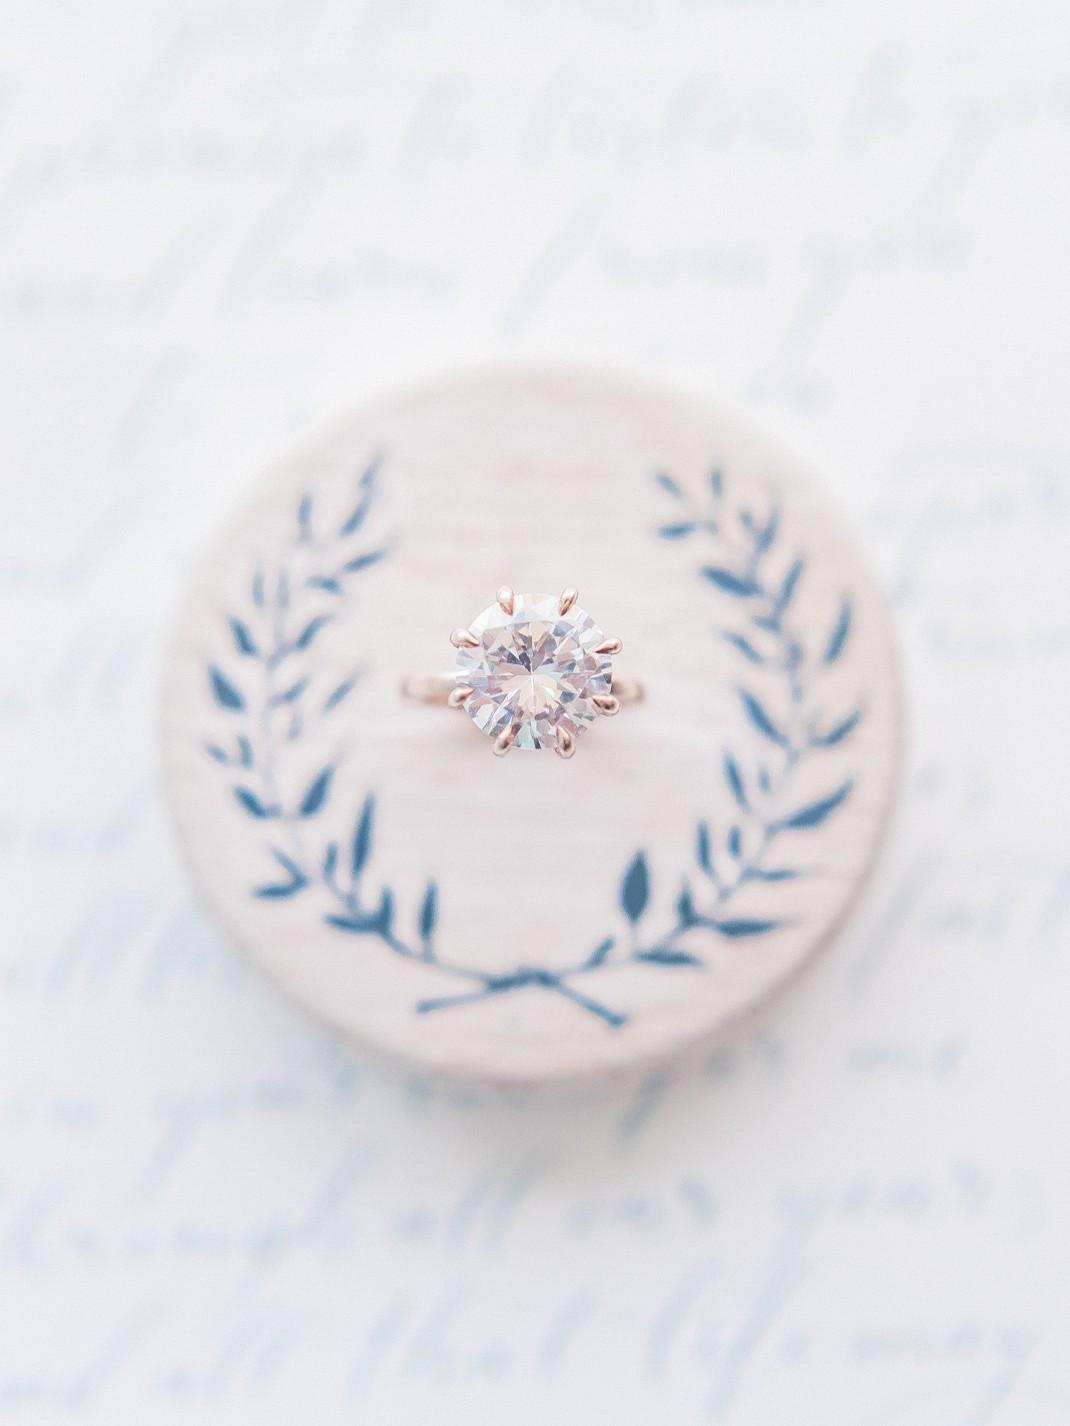 Susie Saltzman engagement rings